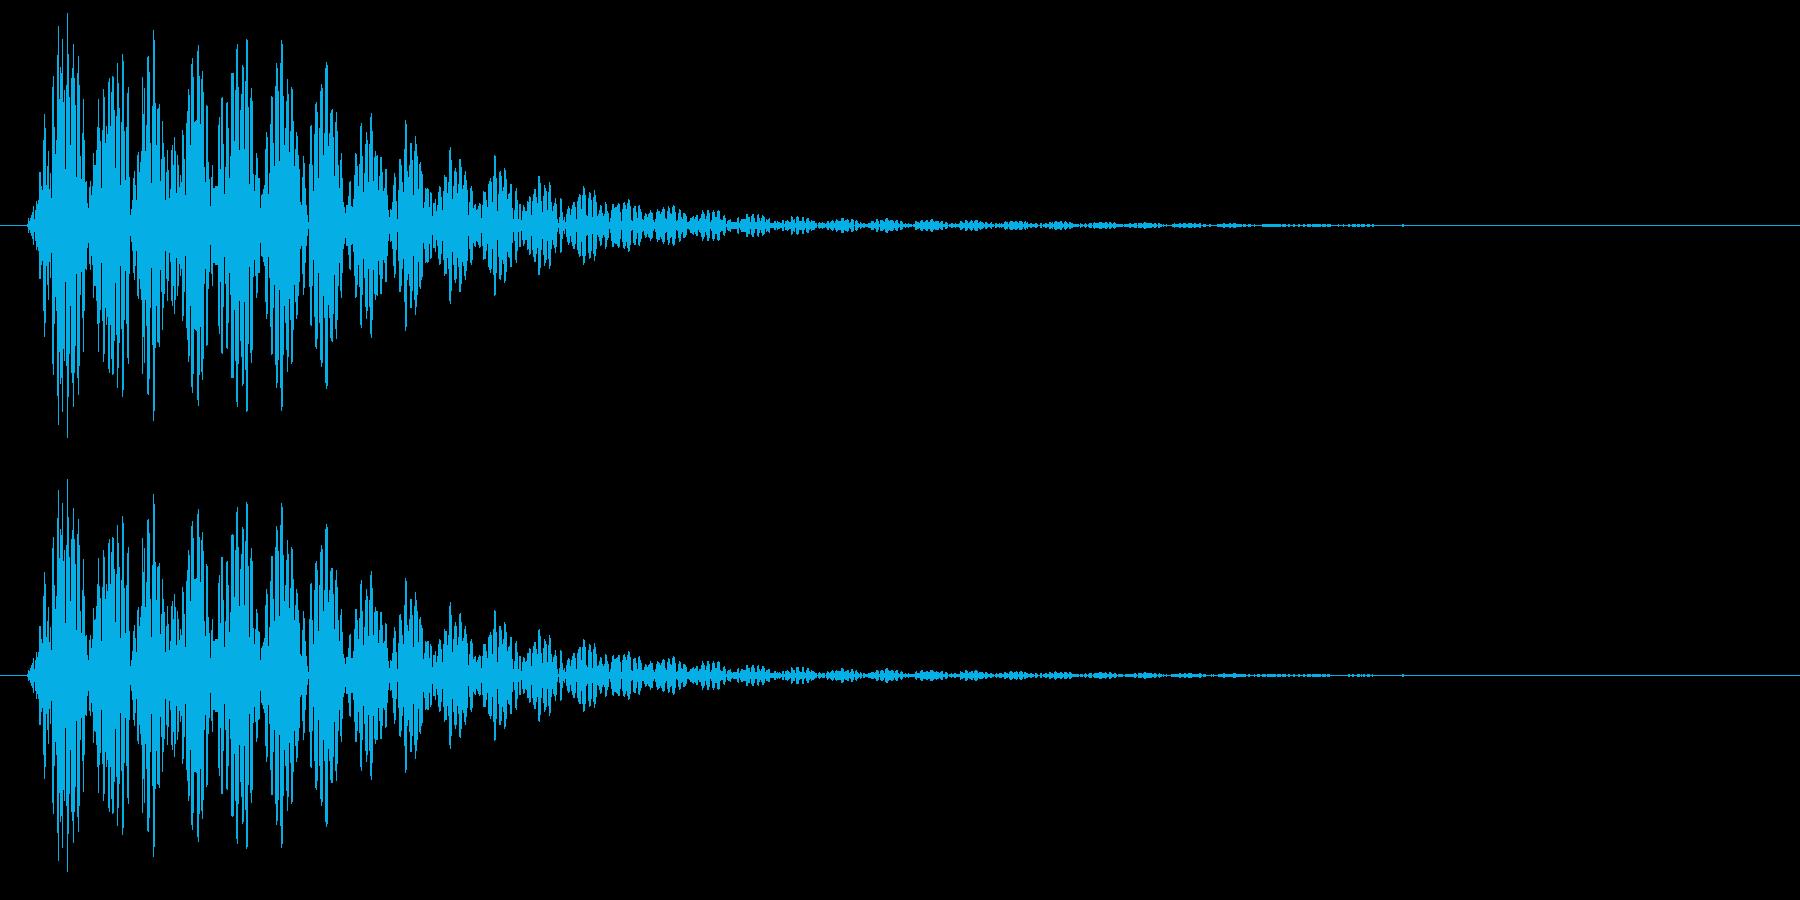 ポン、というはっきりした決定音の再生済みの波形